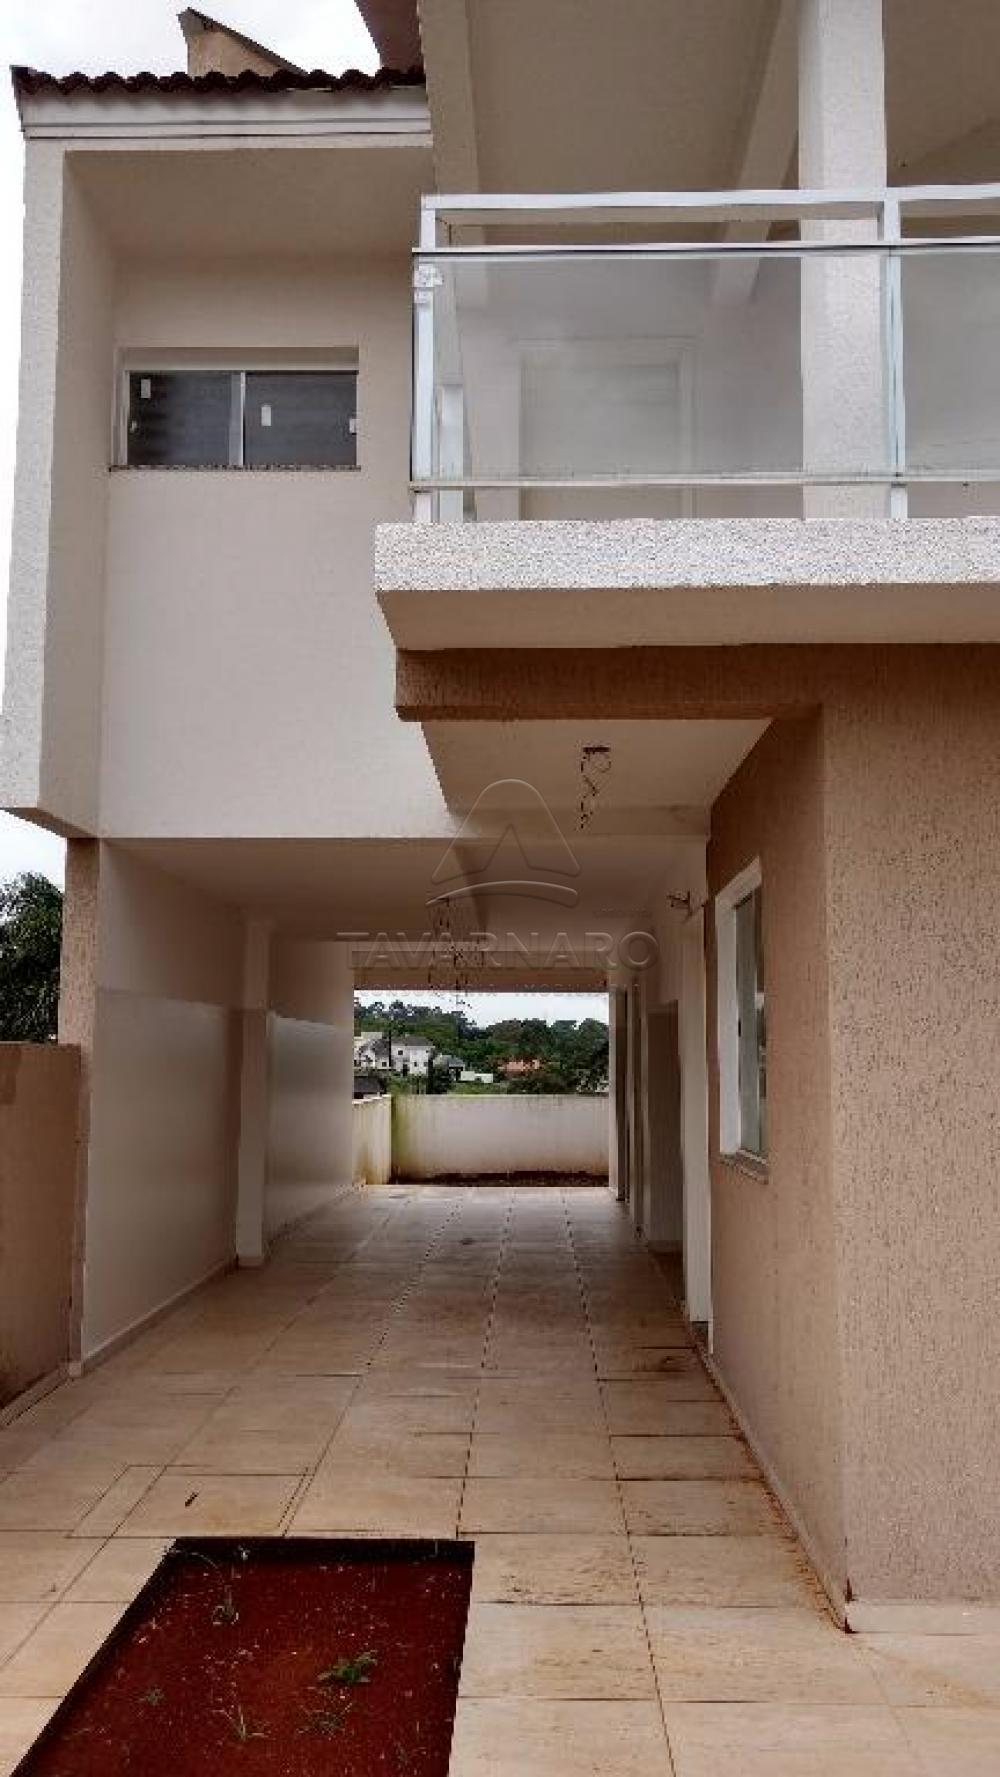 Comprar Casa / Sobrado em Ponta Grossa apenas R$ 700.000,00 - Foto 5